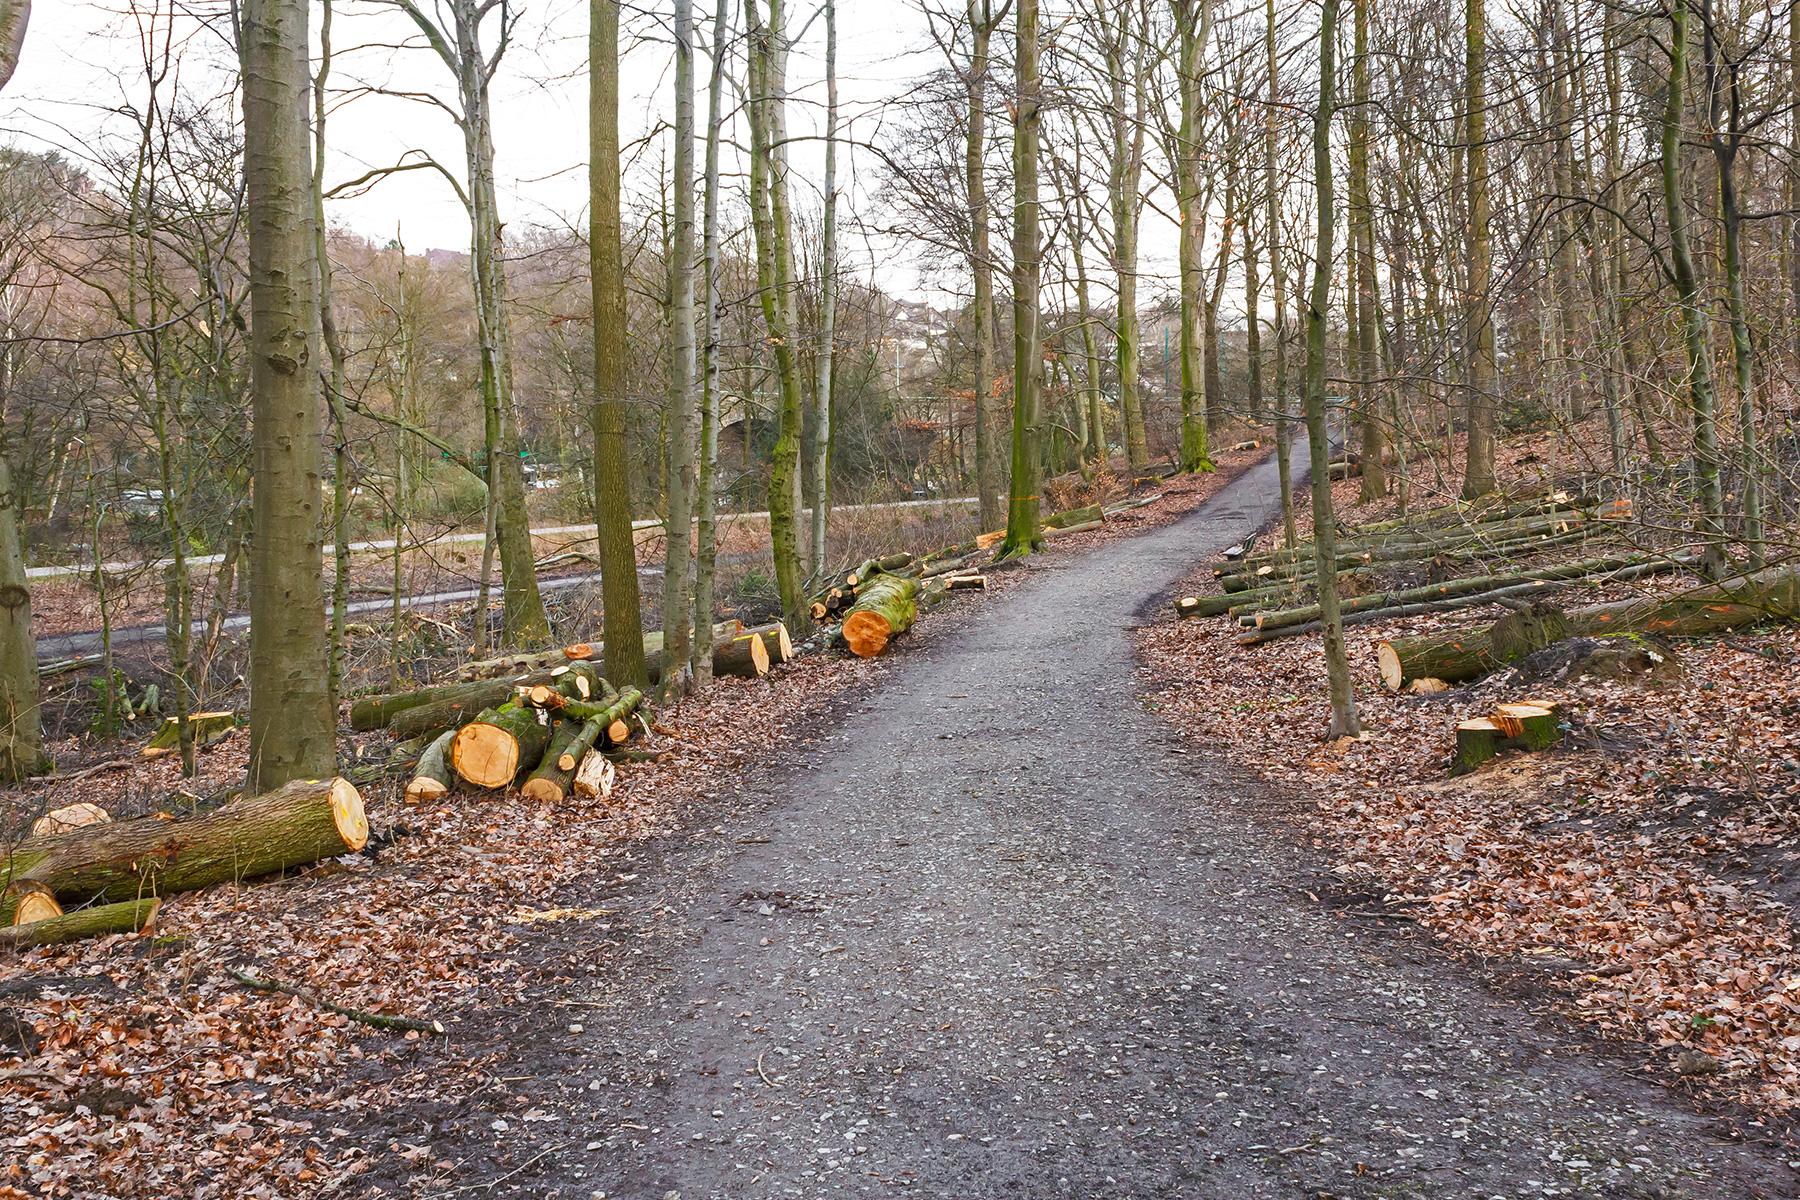 überall gefällte Bäume in der Nähe des Schleifkottenwegs